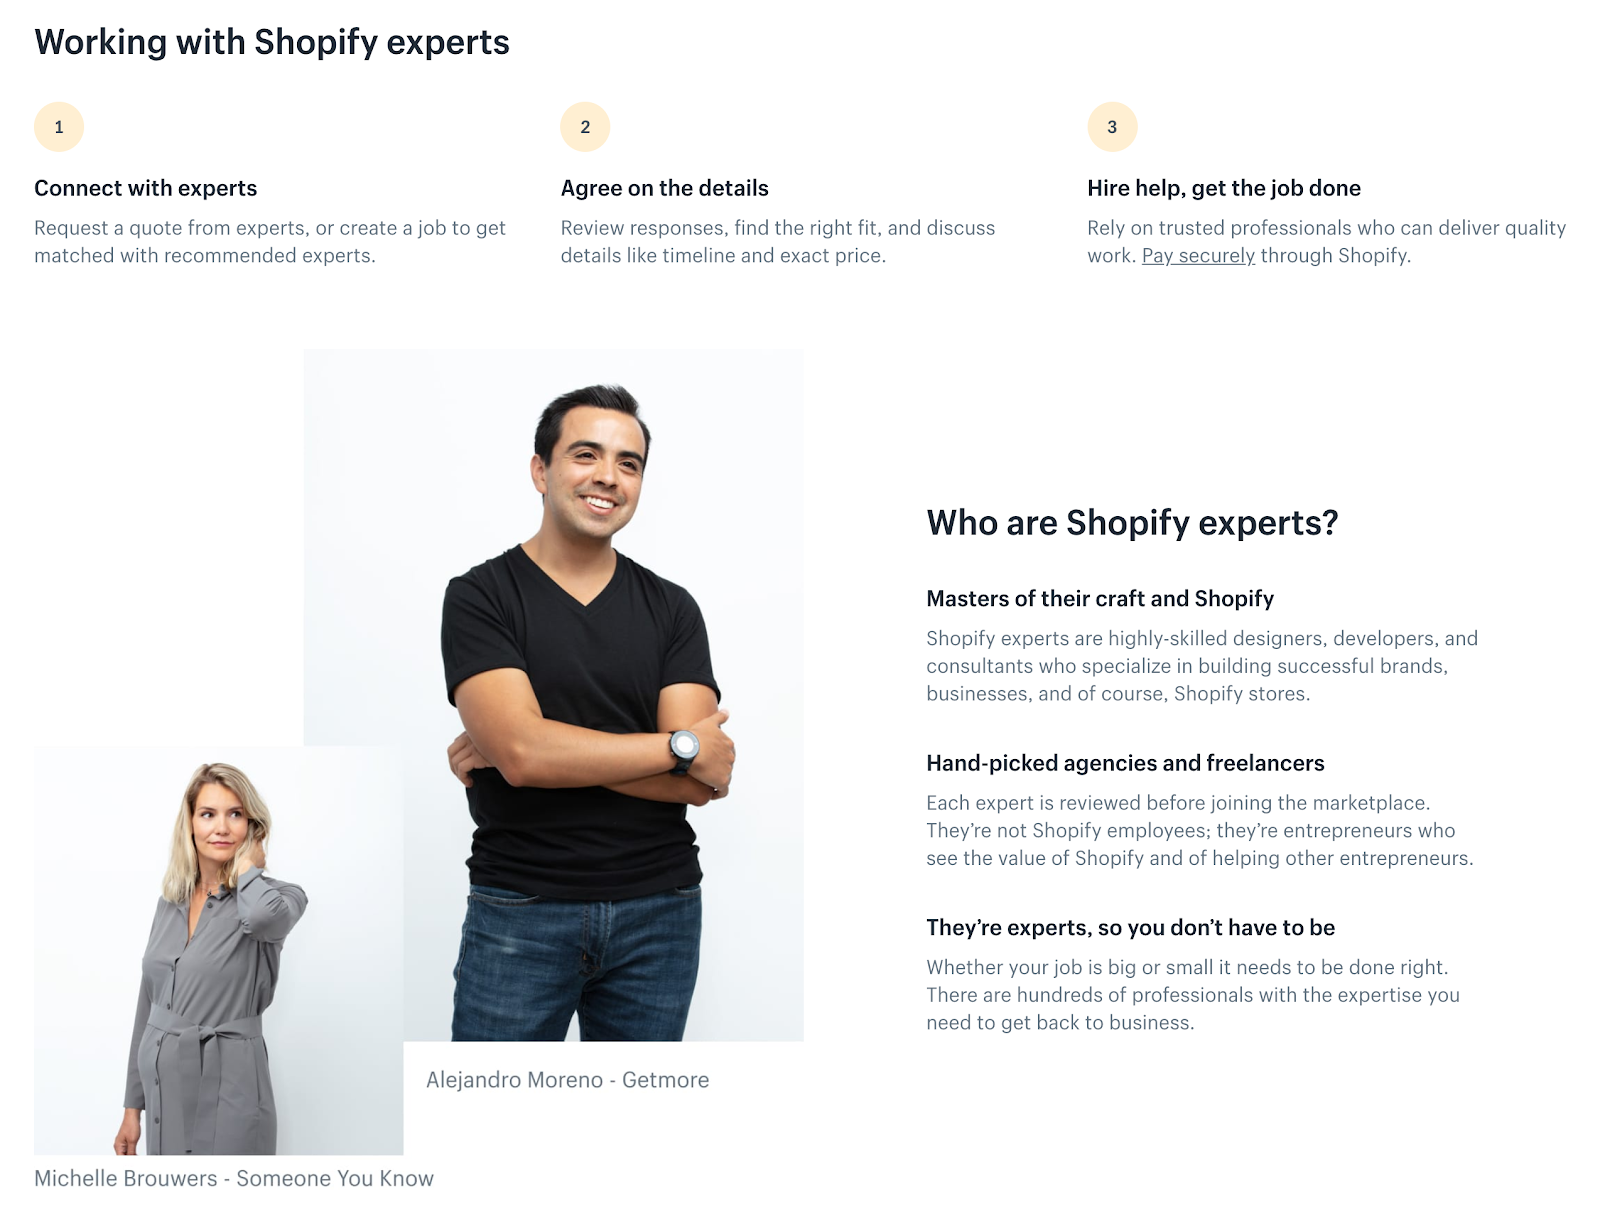 Shopifyエキスパートの仕事に関する公式ページ